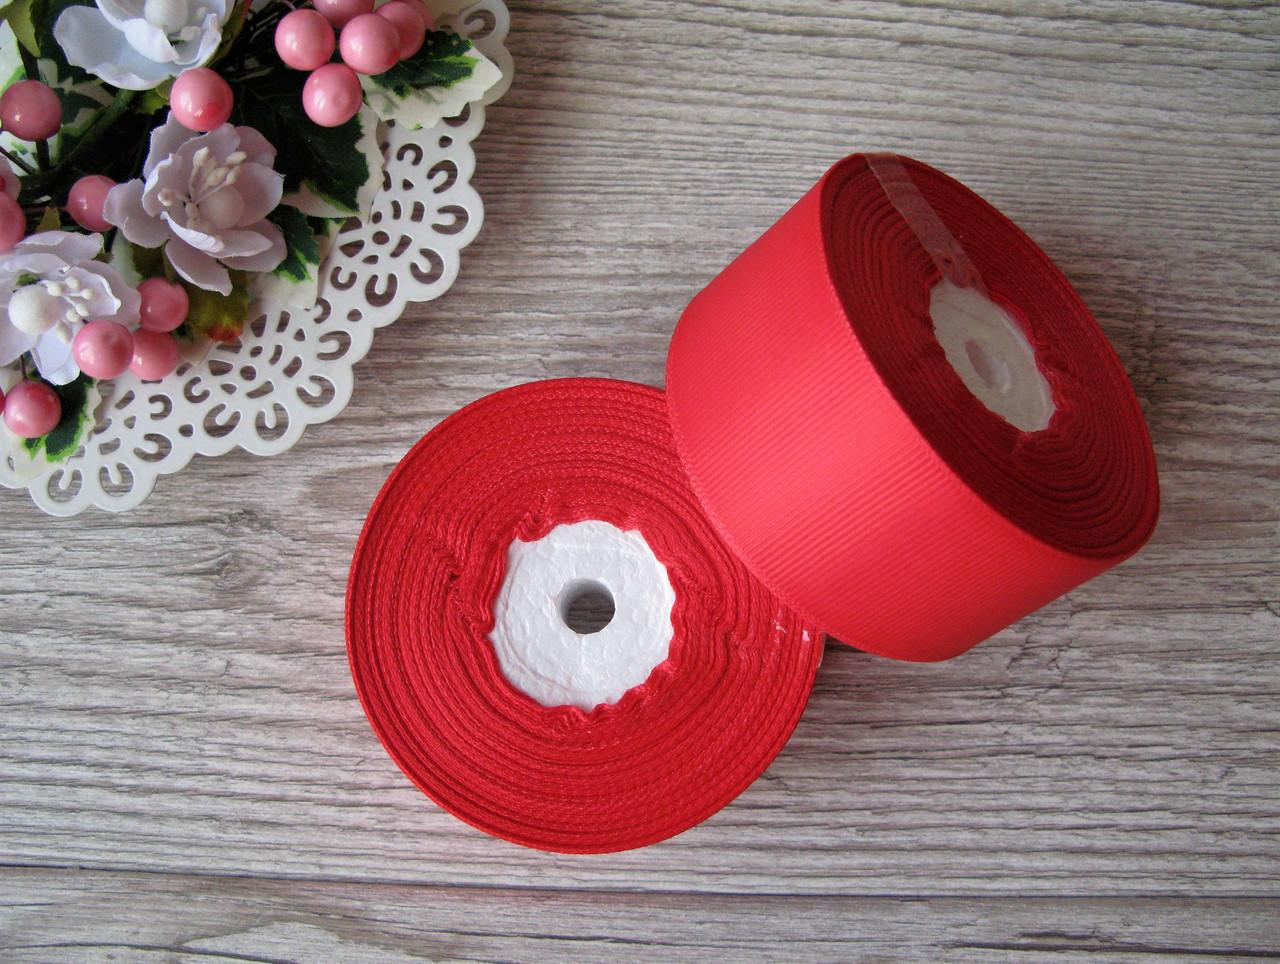 Лента репсовая 4 см красный, бобина 18 м - 51 грн